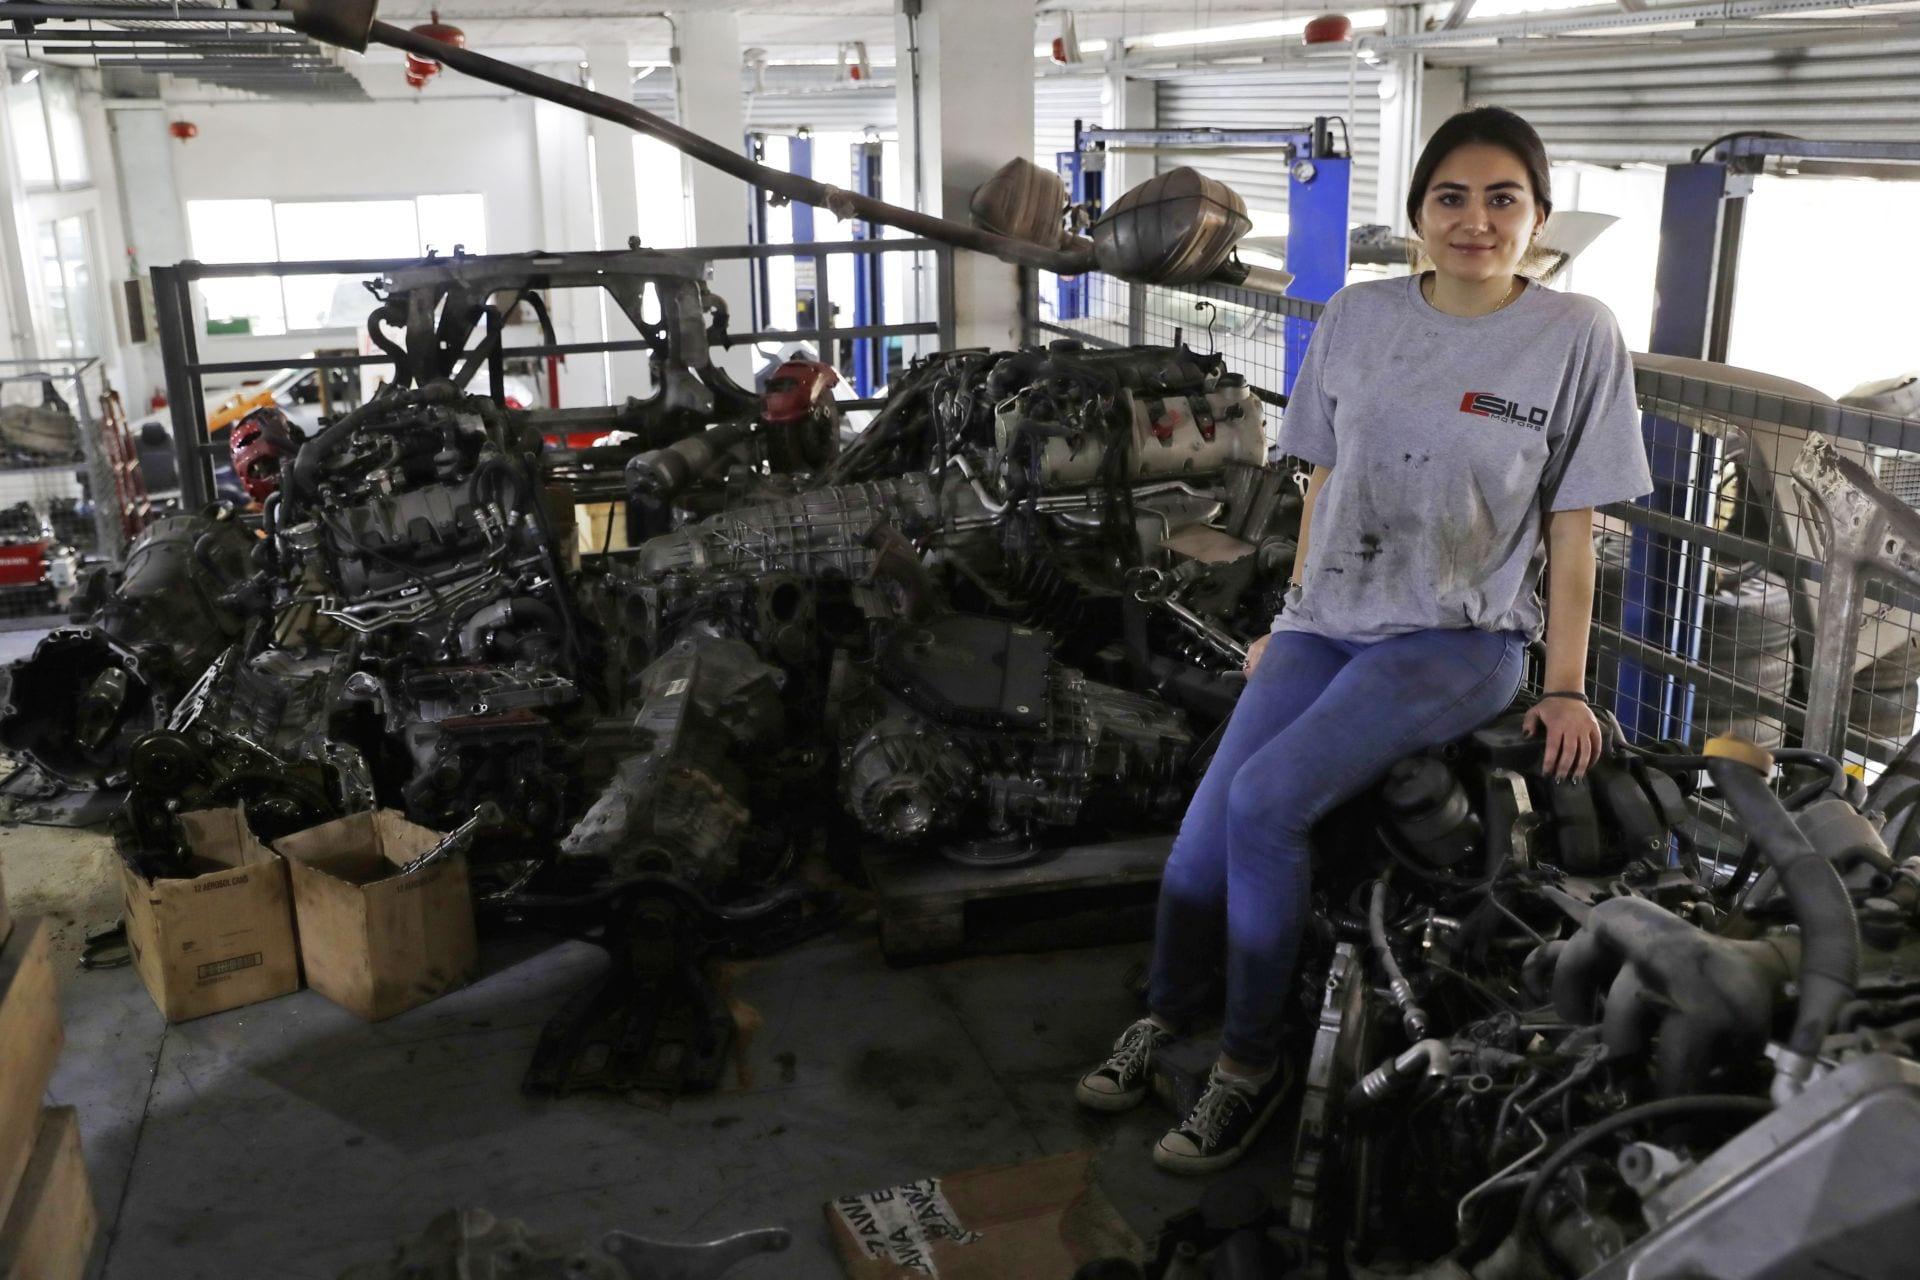 Thợ sửa xe nữ hiếm hoi, xinh đẹp gây chú ý ở đất nước Lebanon - 2